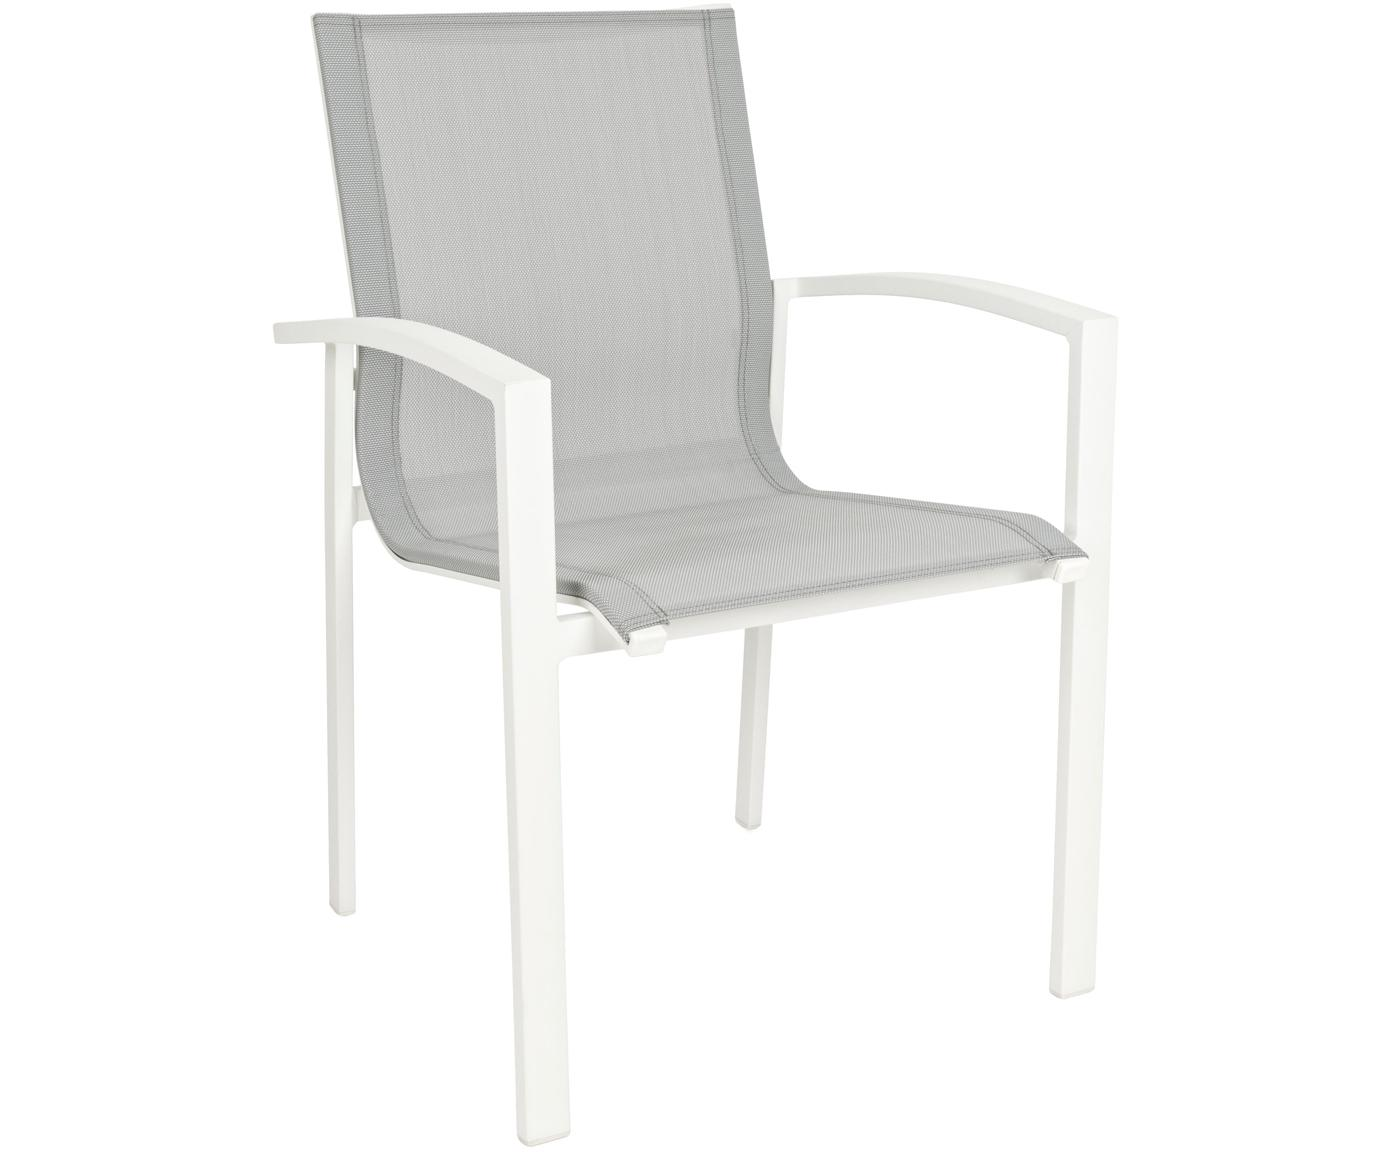 Silla con reposabrazos de exterior Atlantic, Estructura: aluminio con pintura en p, Asiento: tela, Blanco, gris claro, An 60 x F 66 cm